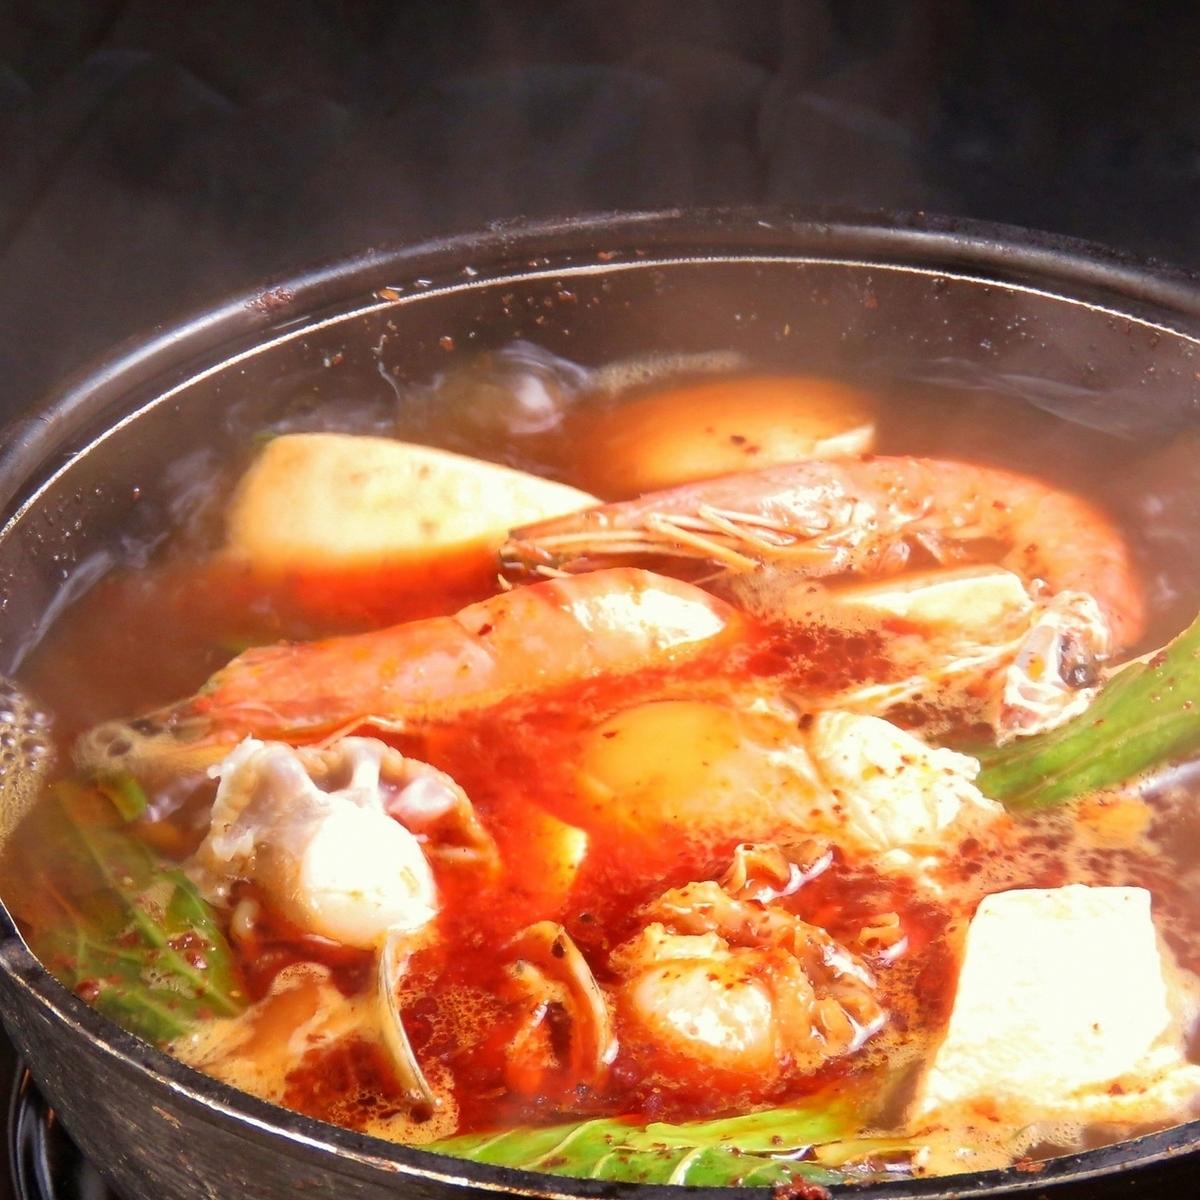 奶酪火锅/ sundubu(韩式海鲜平底锅)